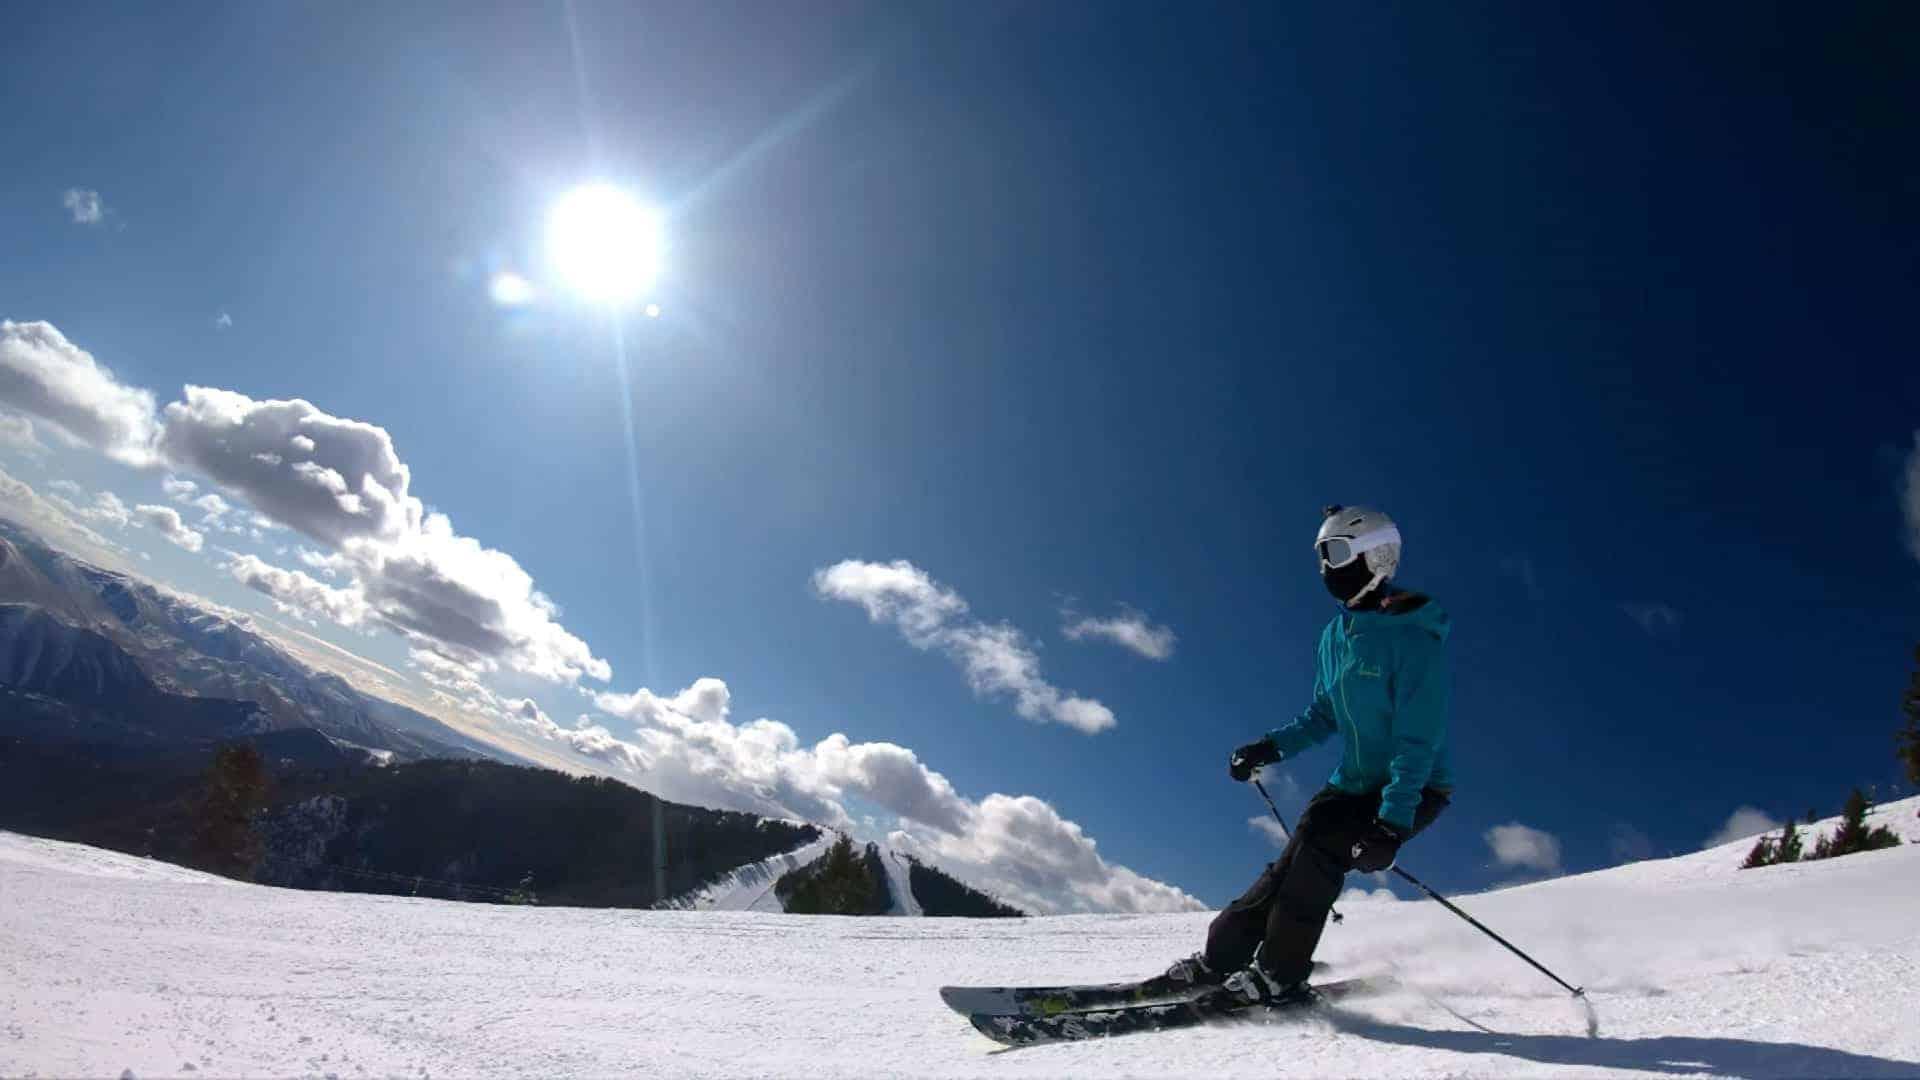 Winter Vanlife is More than skiing Powder Sun Valley Idaho (6 of 17)